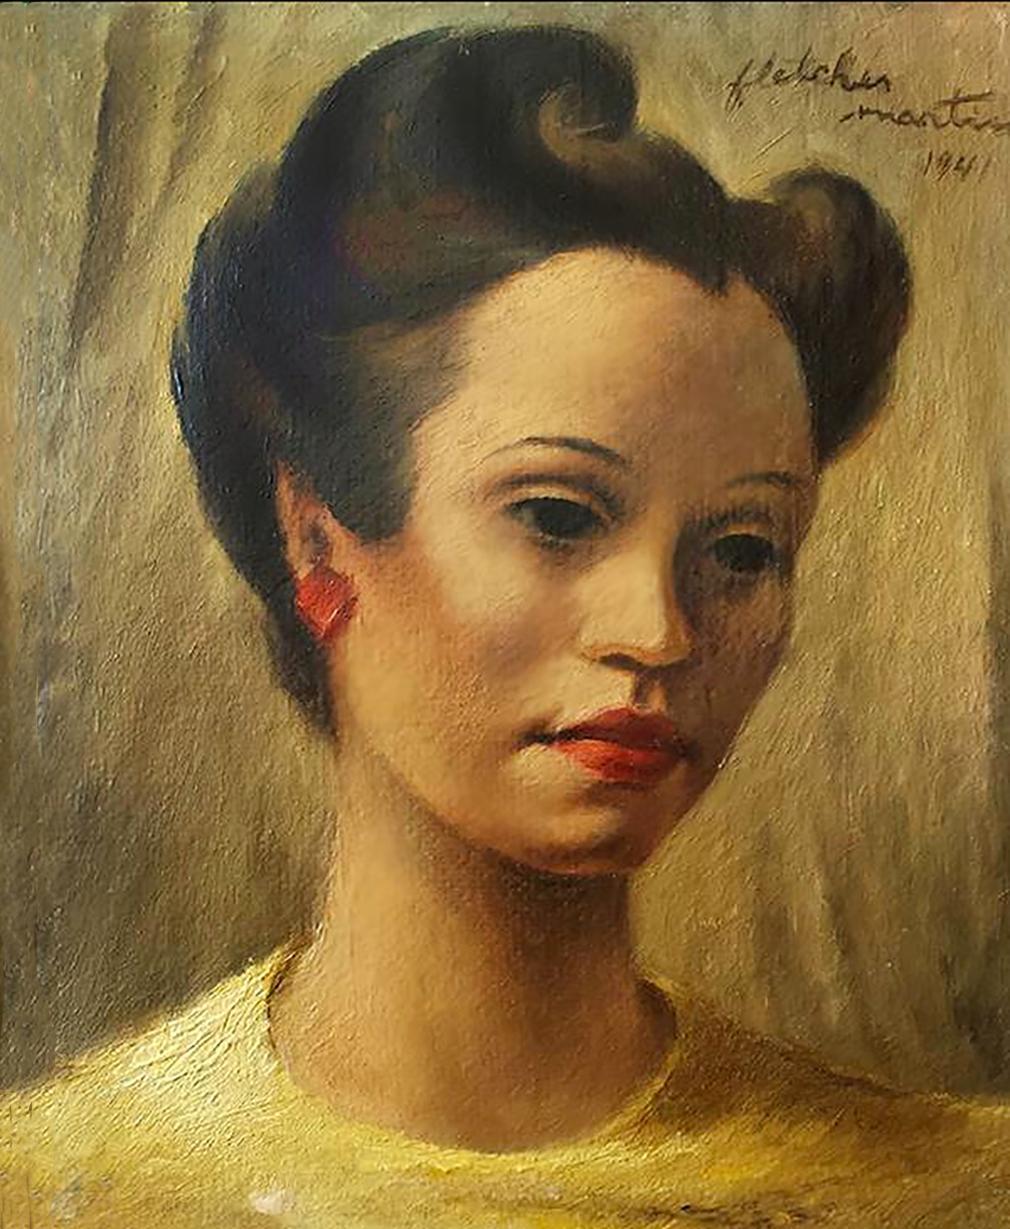 Portrait of a Black Woman, Maxine